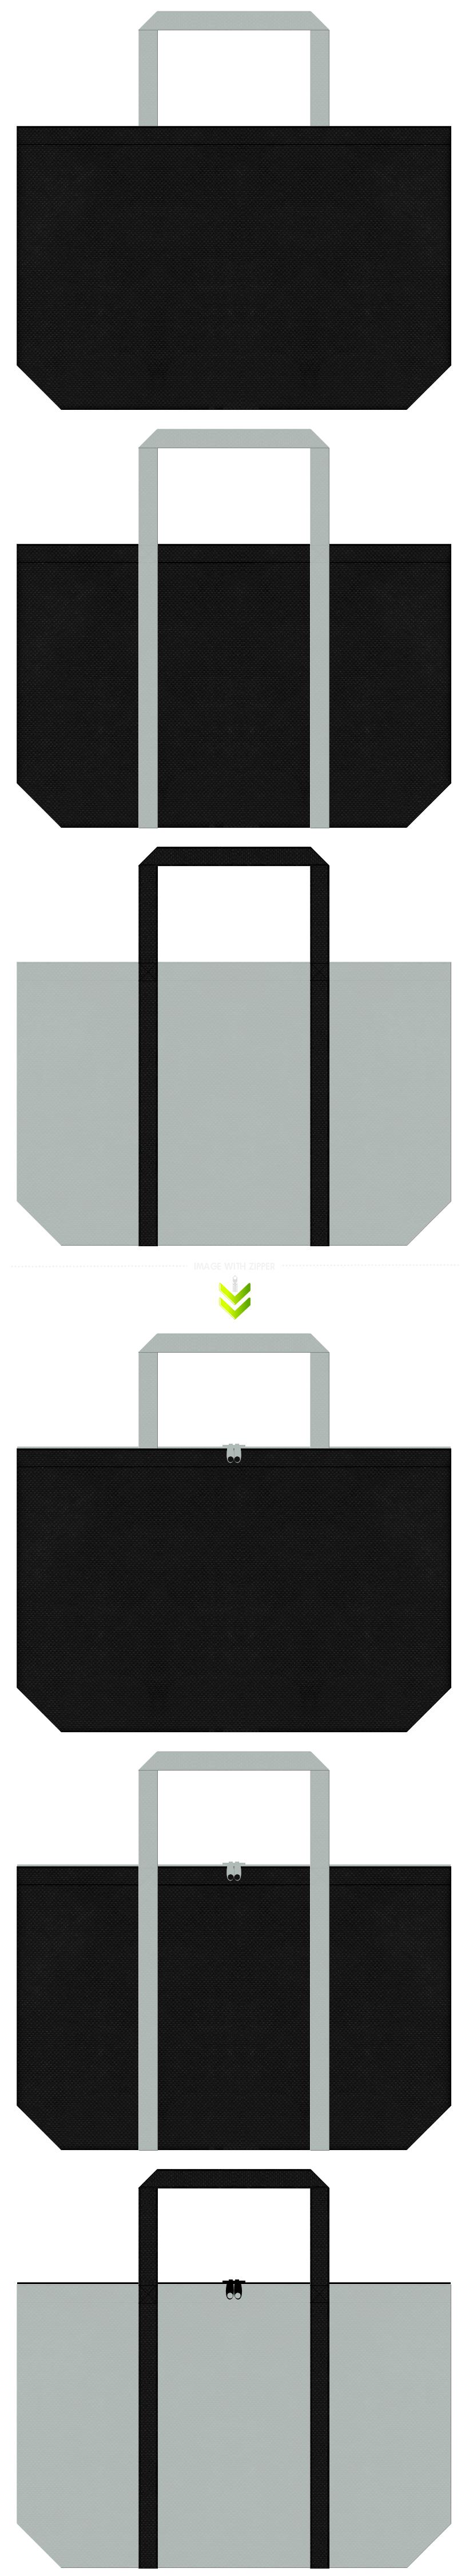 黒色とグレー色の不織布エコバッグのデザイン。